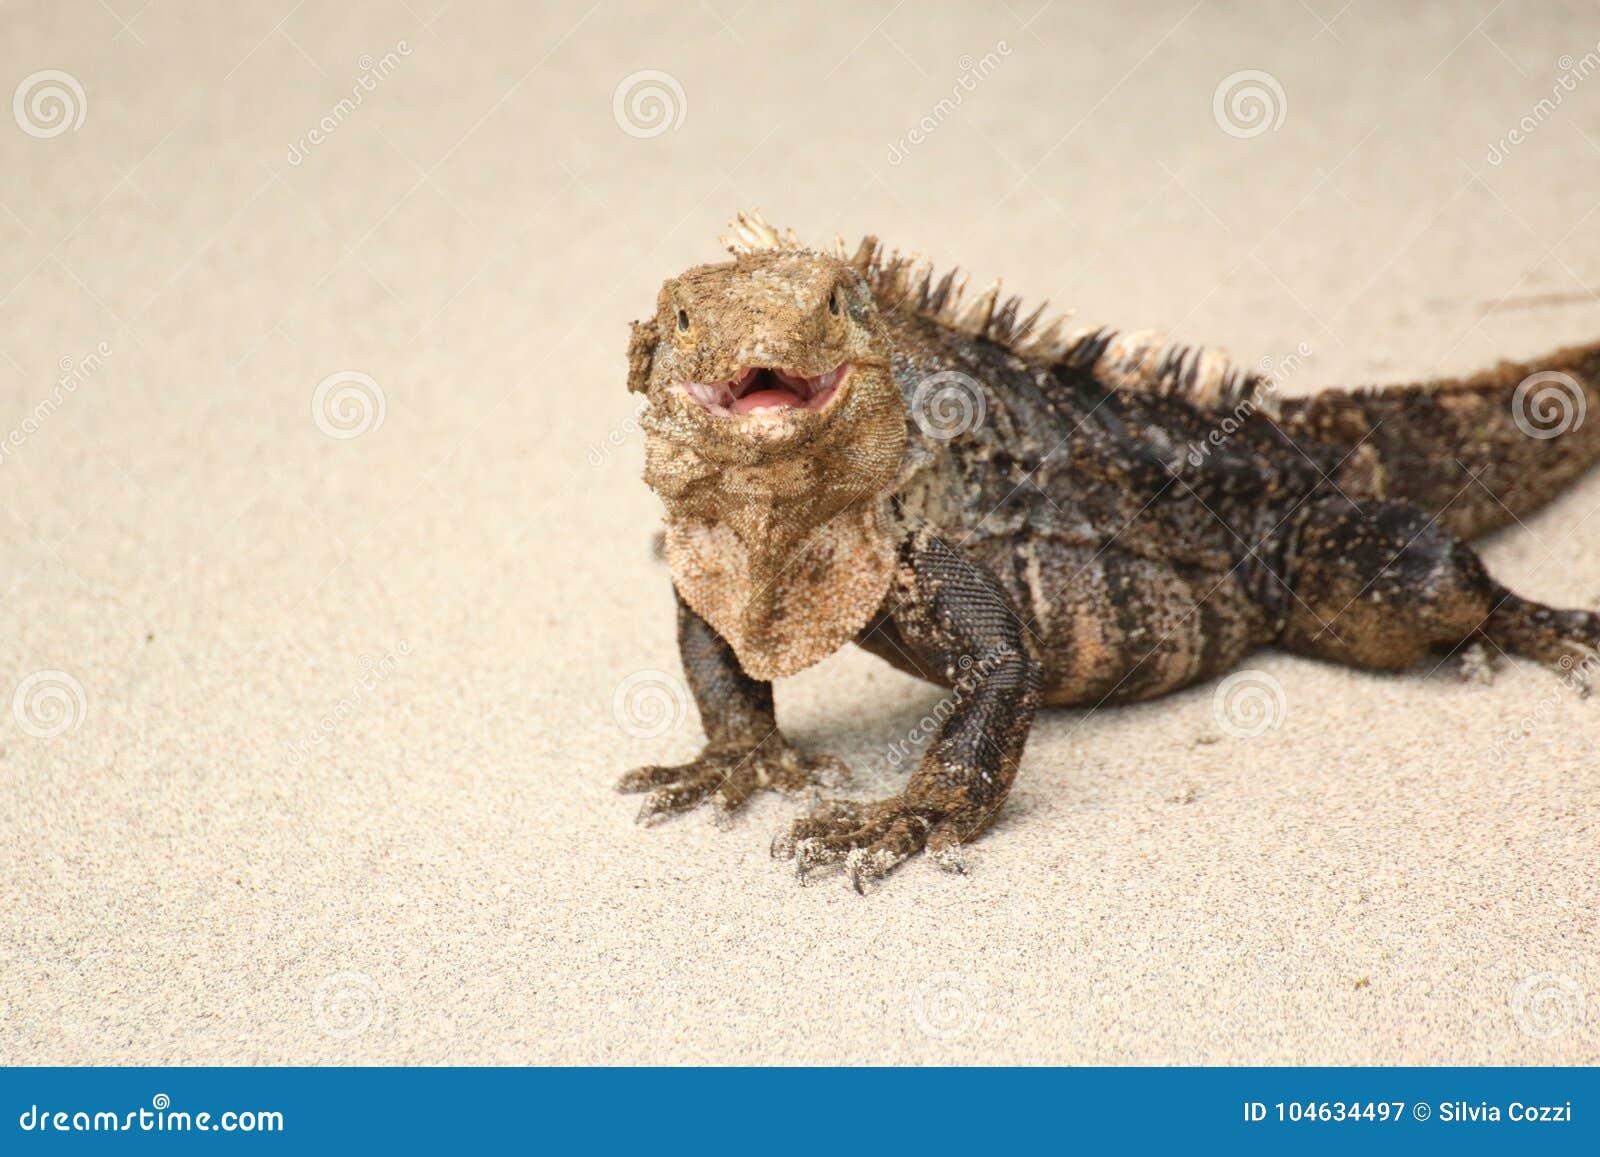 Download Leguaan Die Op Het Strand Lopen Stock Afbeelding - Afbeelding bestaande uit dier, nauseous: 104634497